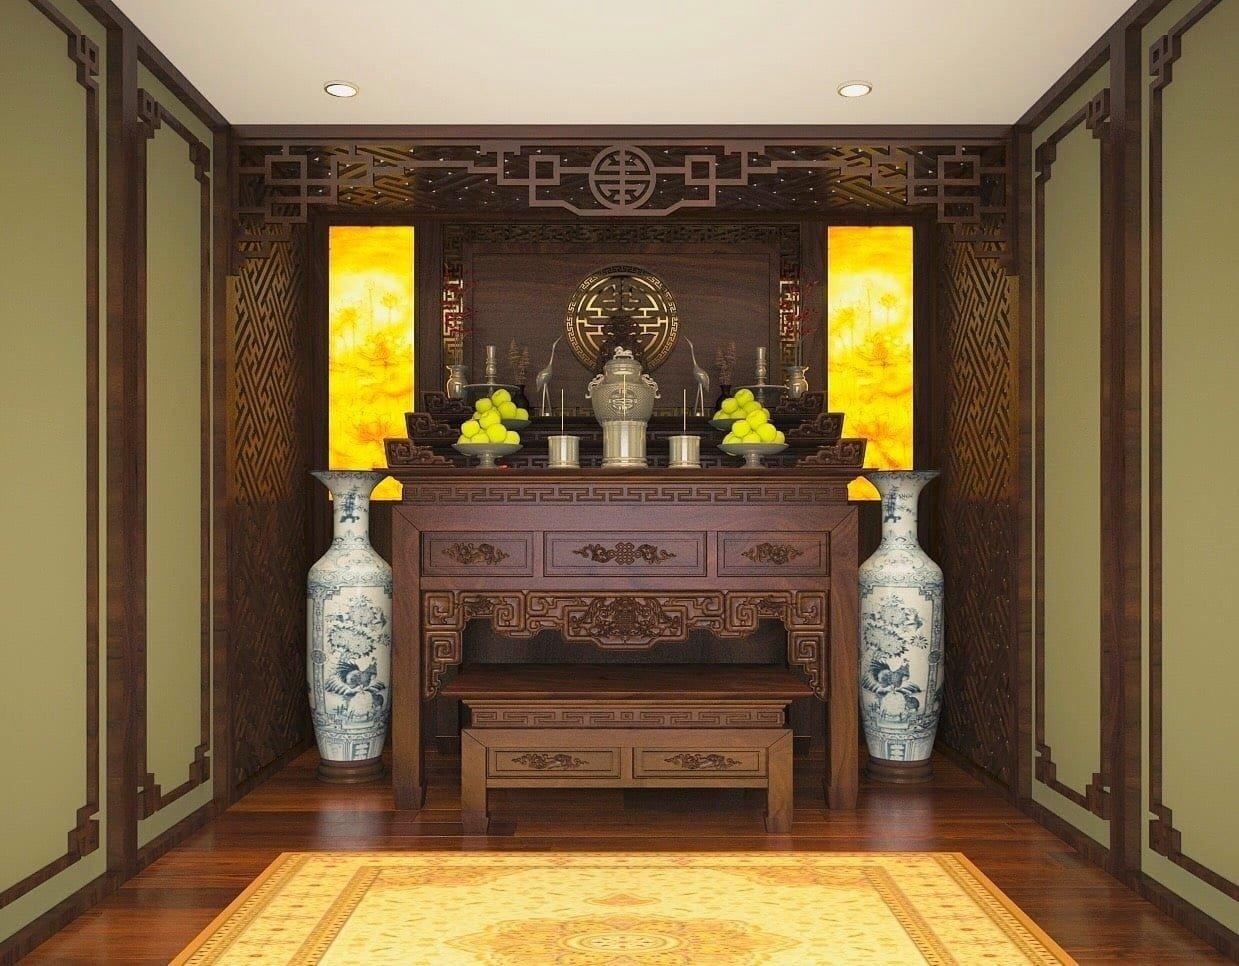 Các thiết kế bàn thờ hiện đại được giới thiệu tới khách hàng